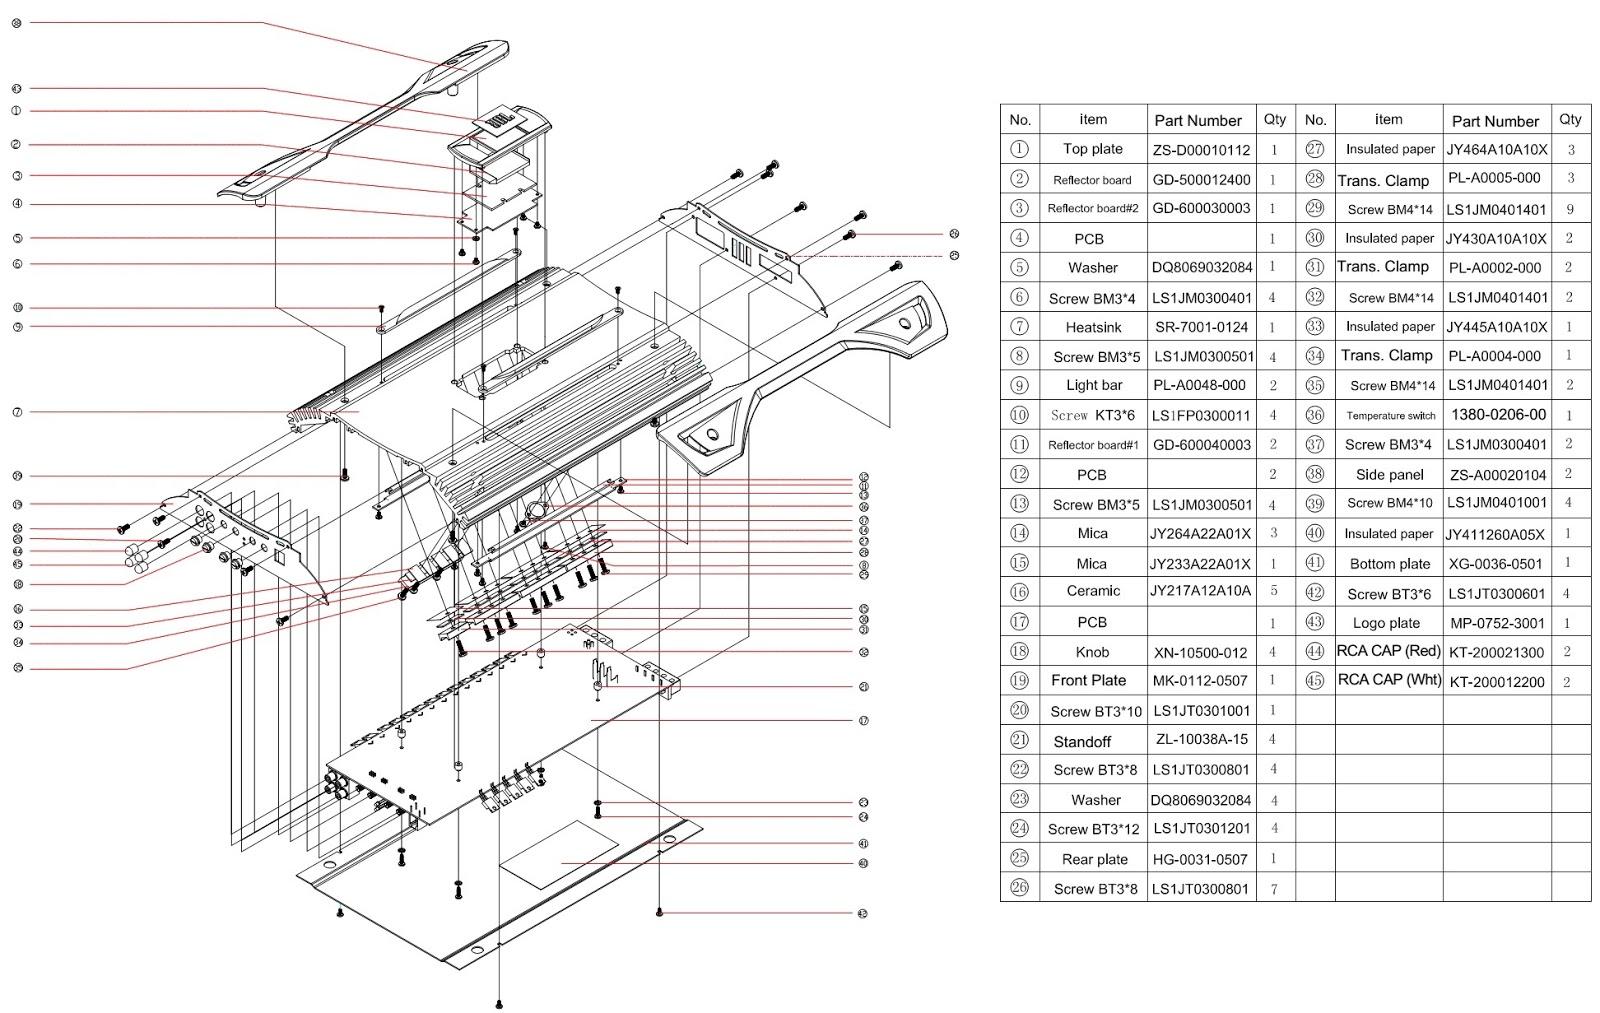 jbl gto7001 car audio - circuit diagram